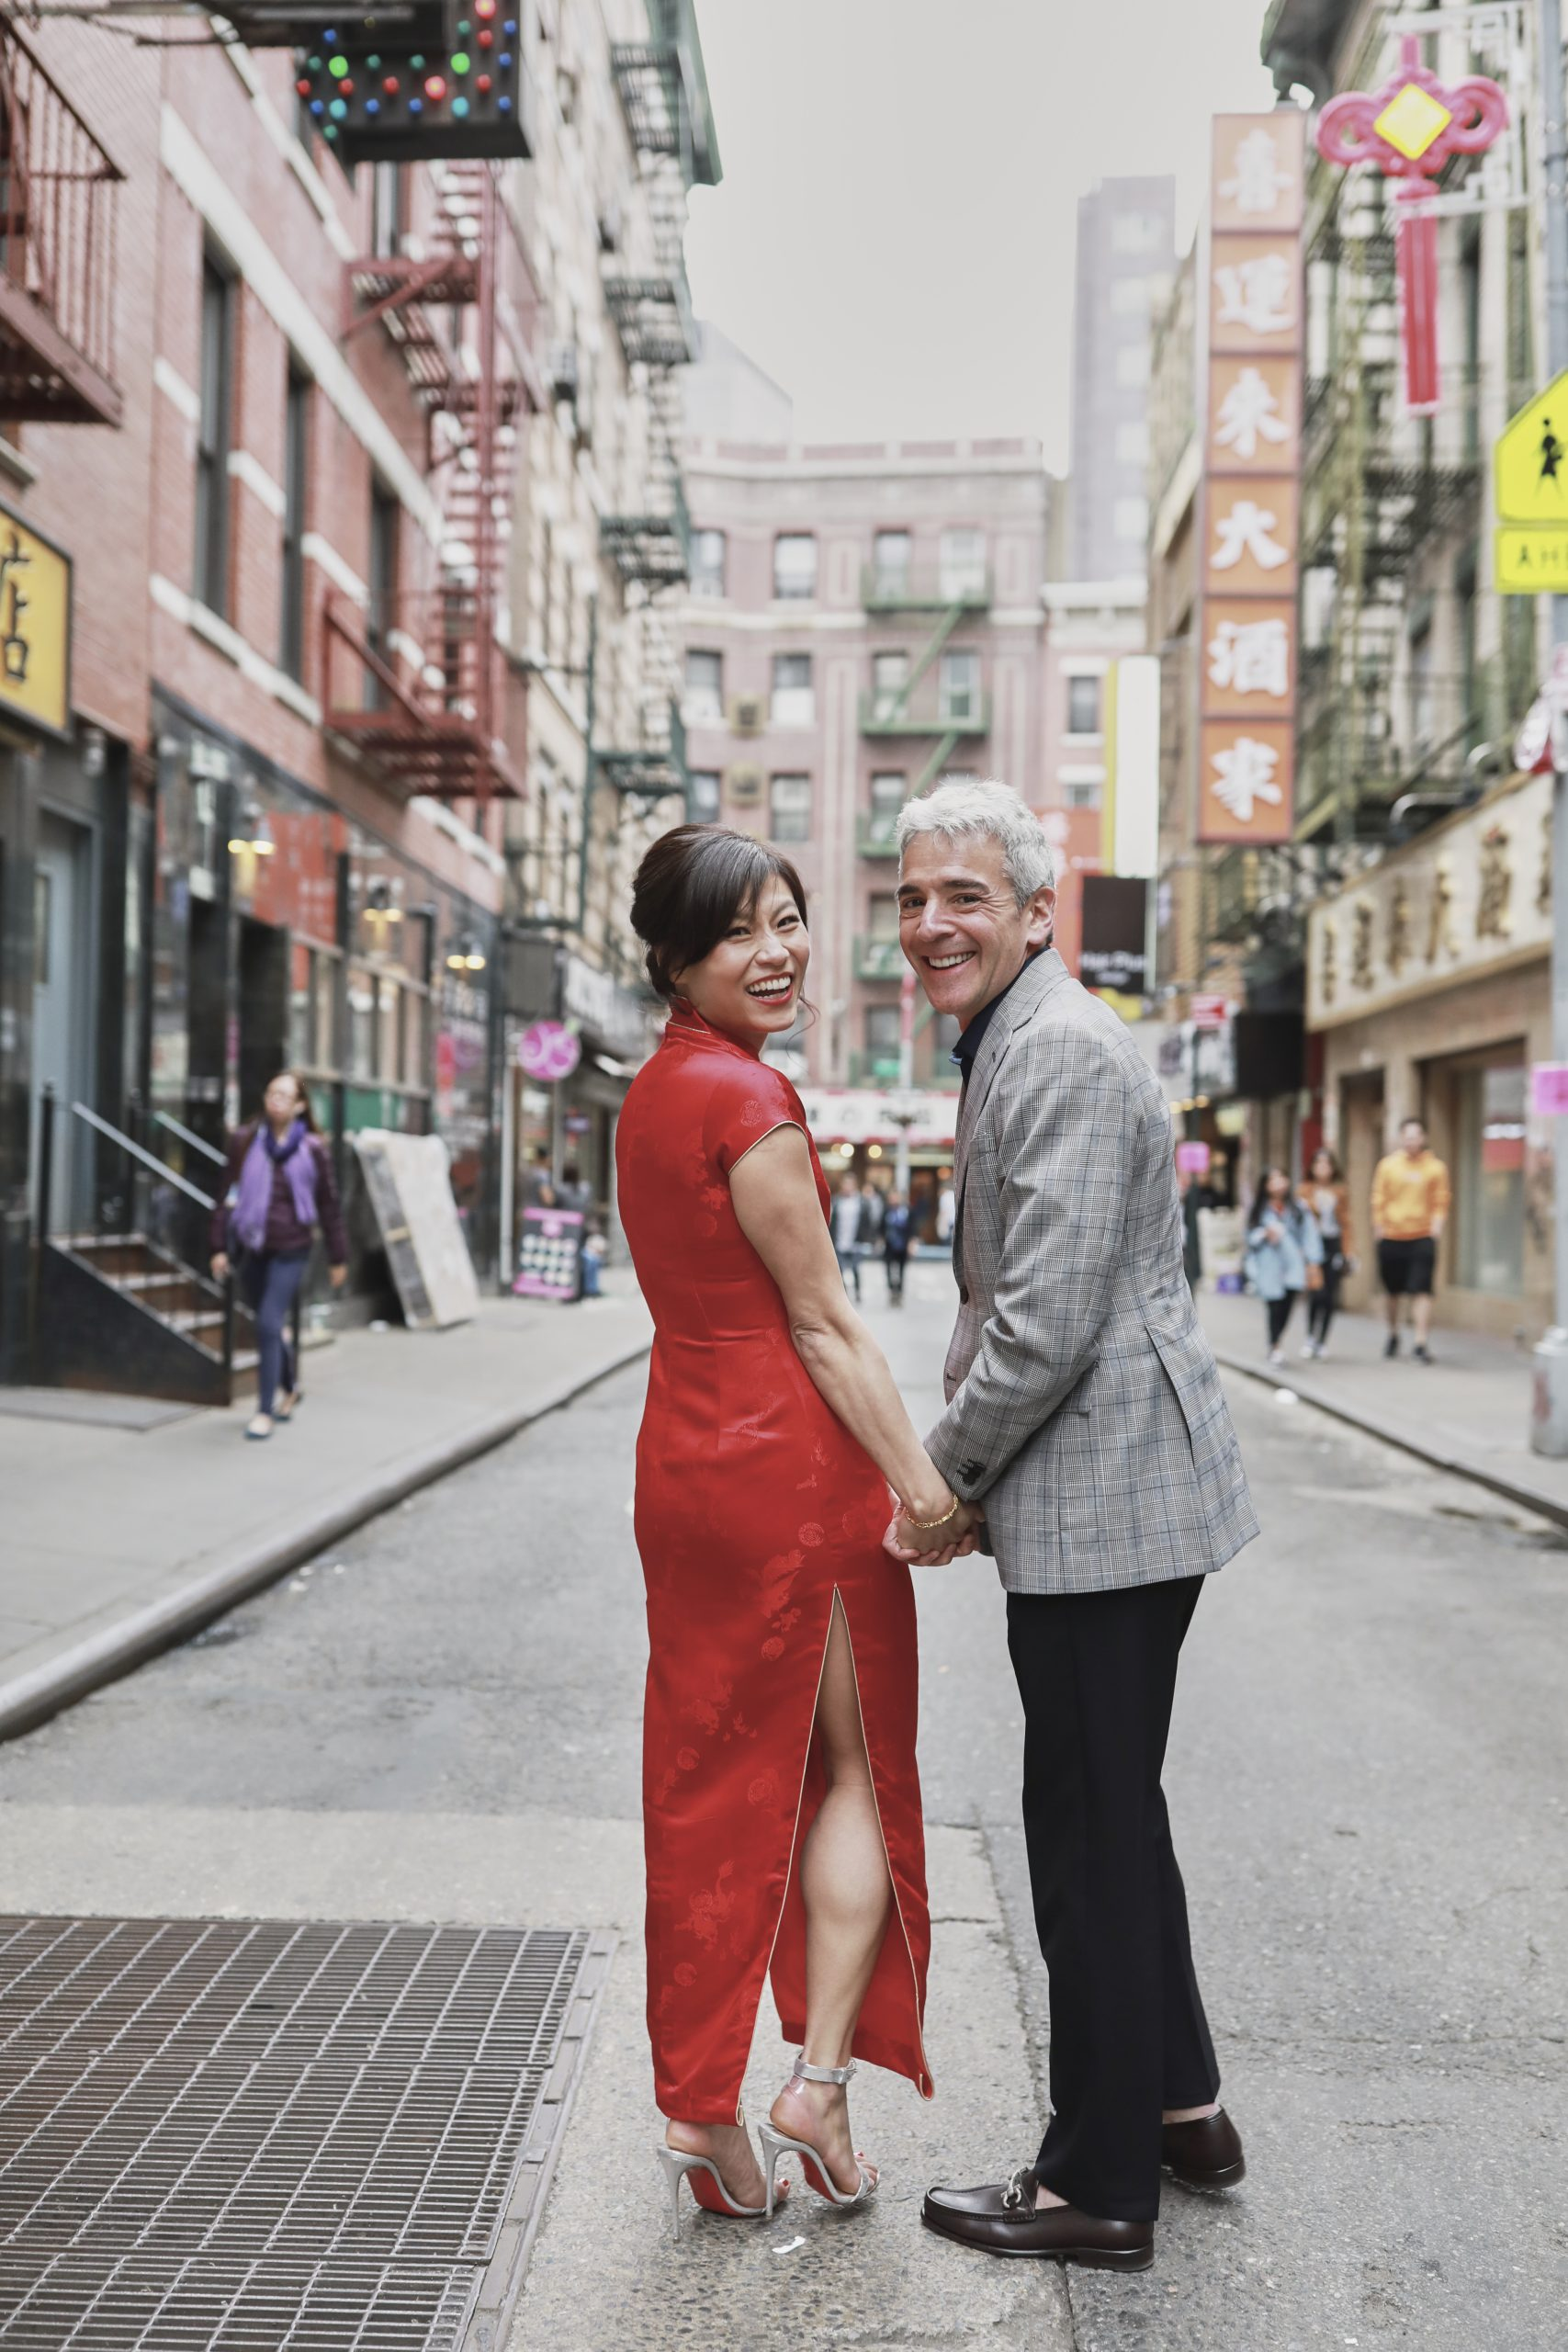 NYC weddings